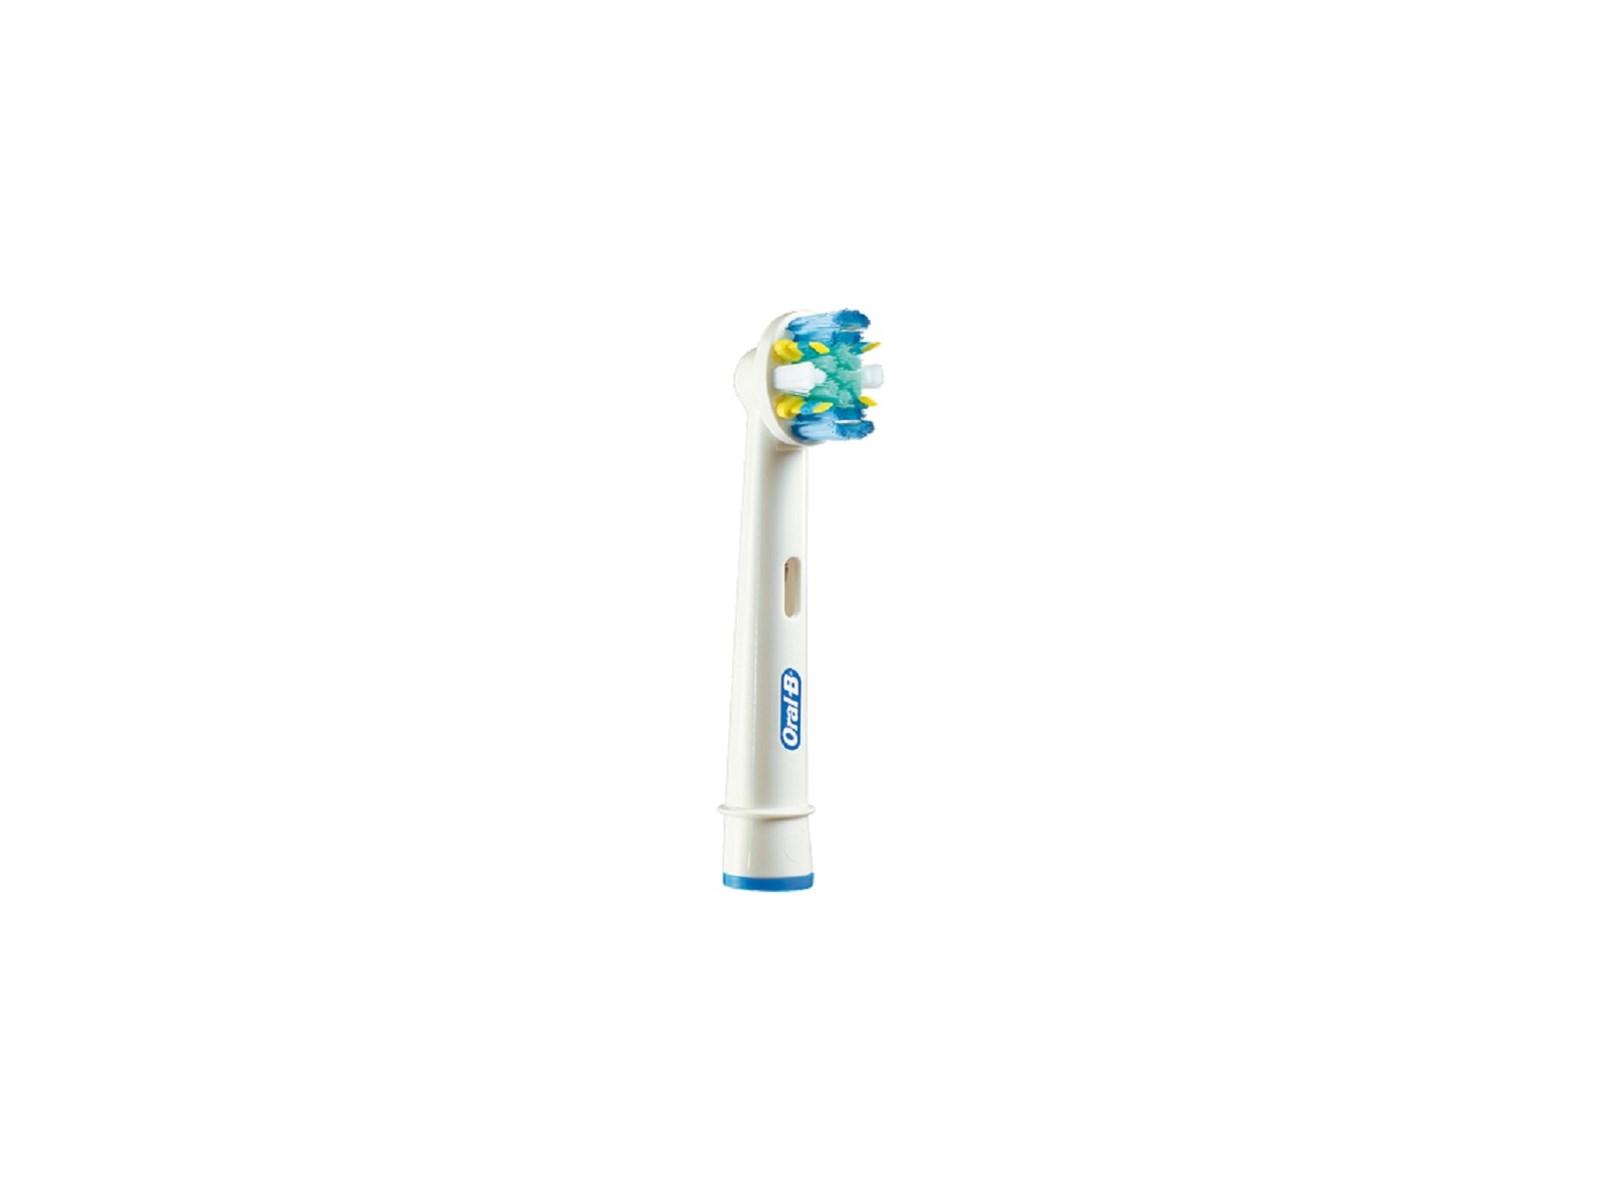 Końcówka Do Szczoteczki Oral B Floss Action Eb 25 4 Sztuki